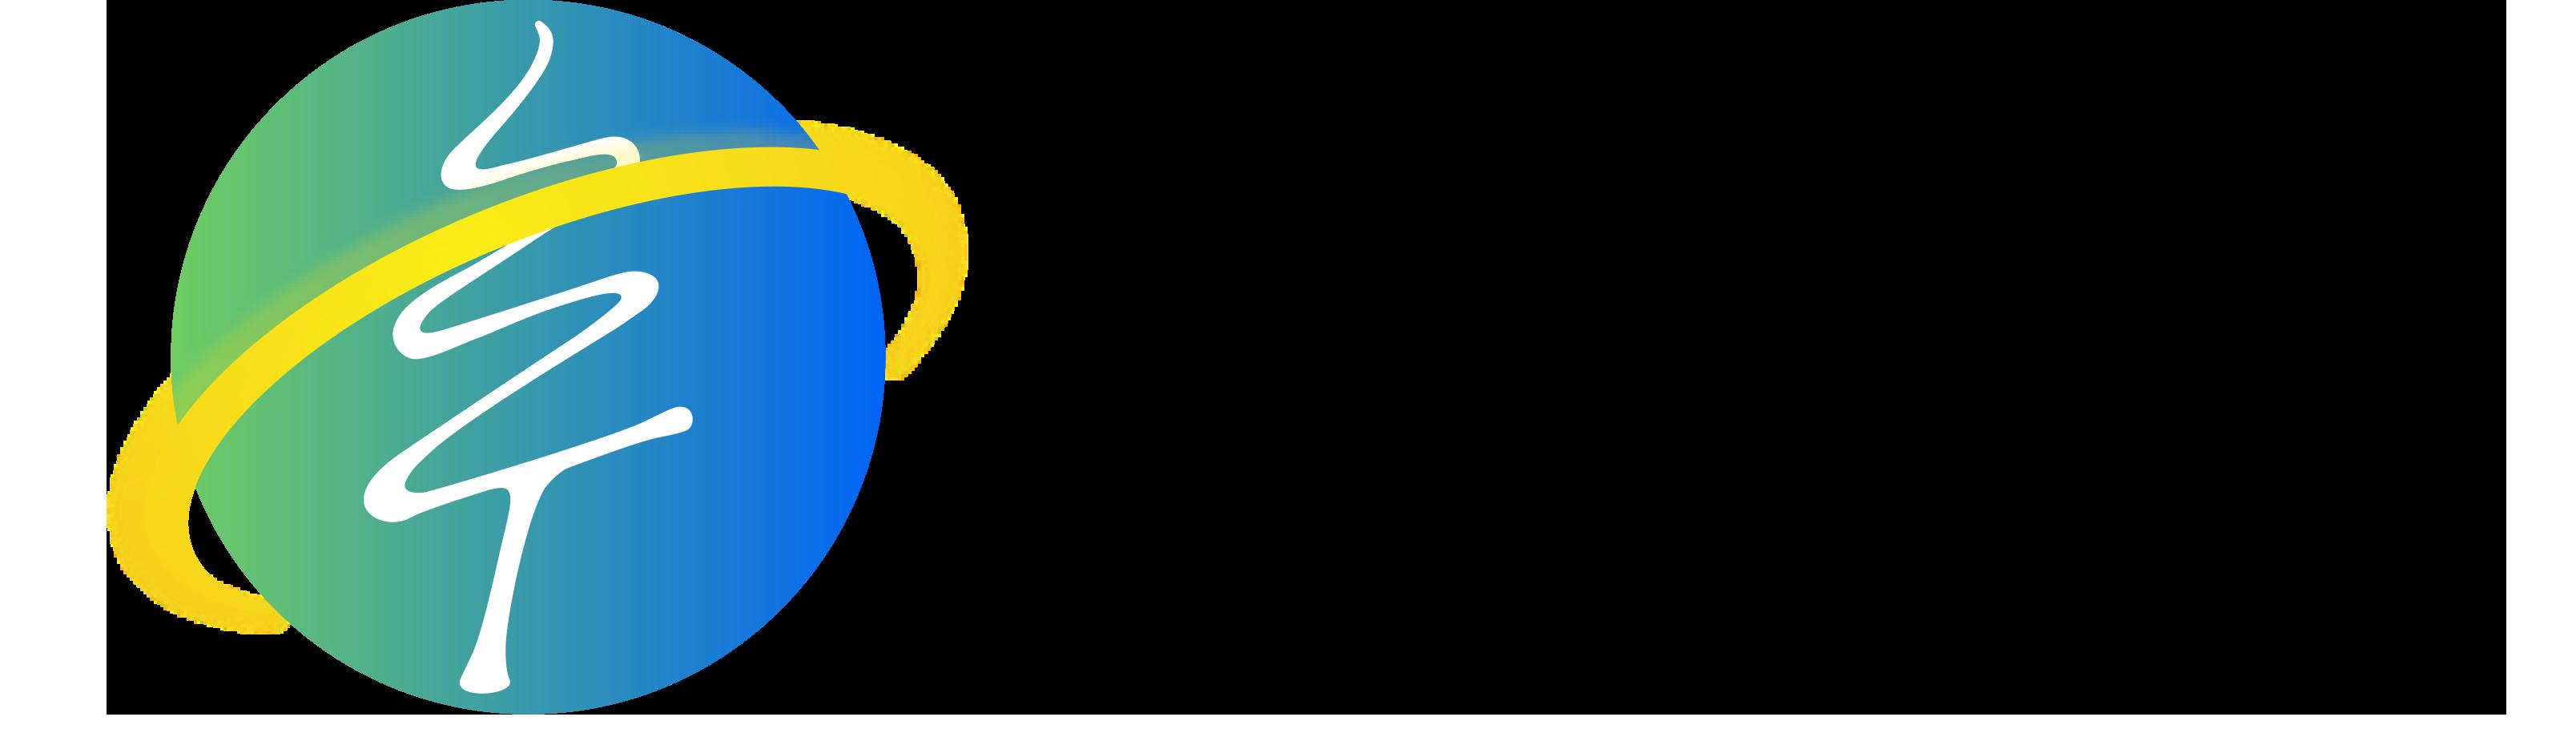 特斯拉自驾智能路口_信息技术项目合作封闭园区-福建中科云杉信息技术有限公司